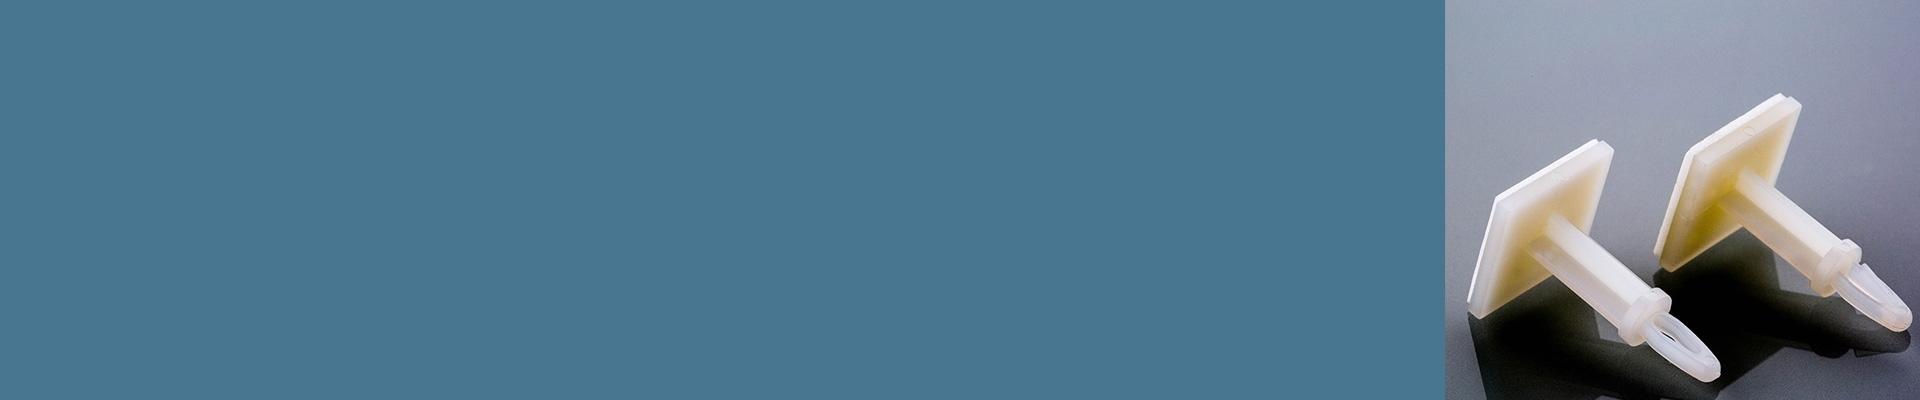 ✓ Abstandshalter mit Klebeboden -  ✓ selbstklebend ★